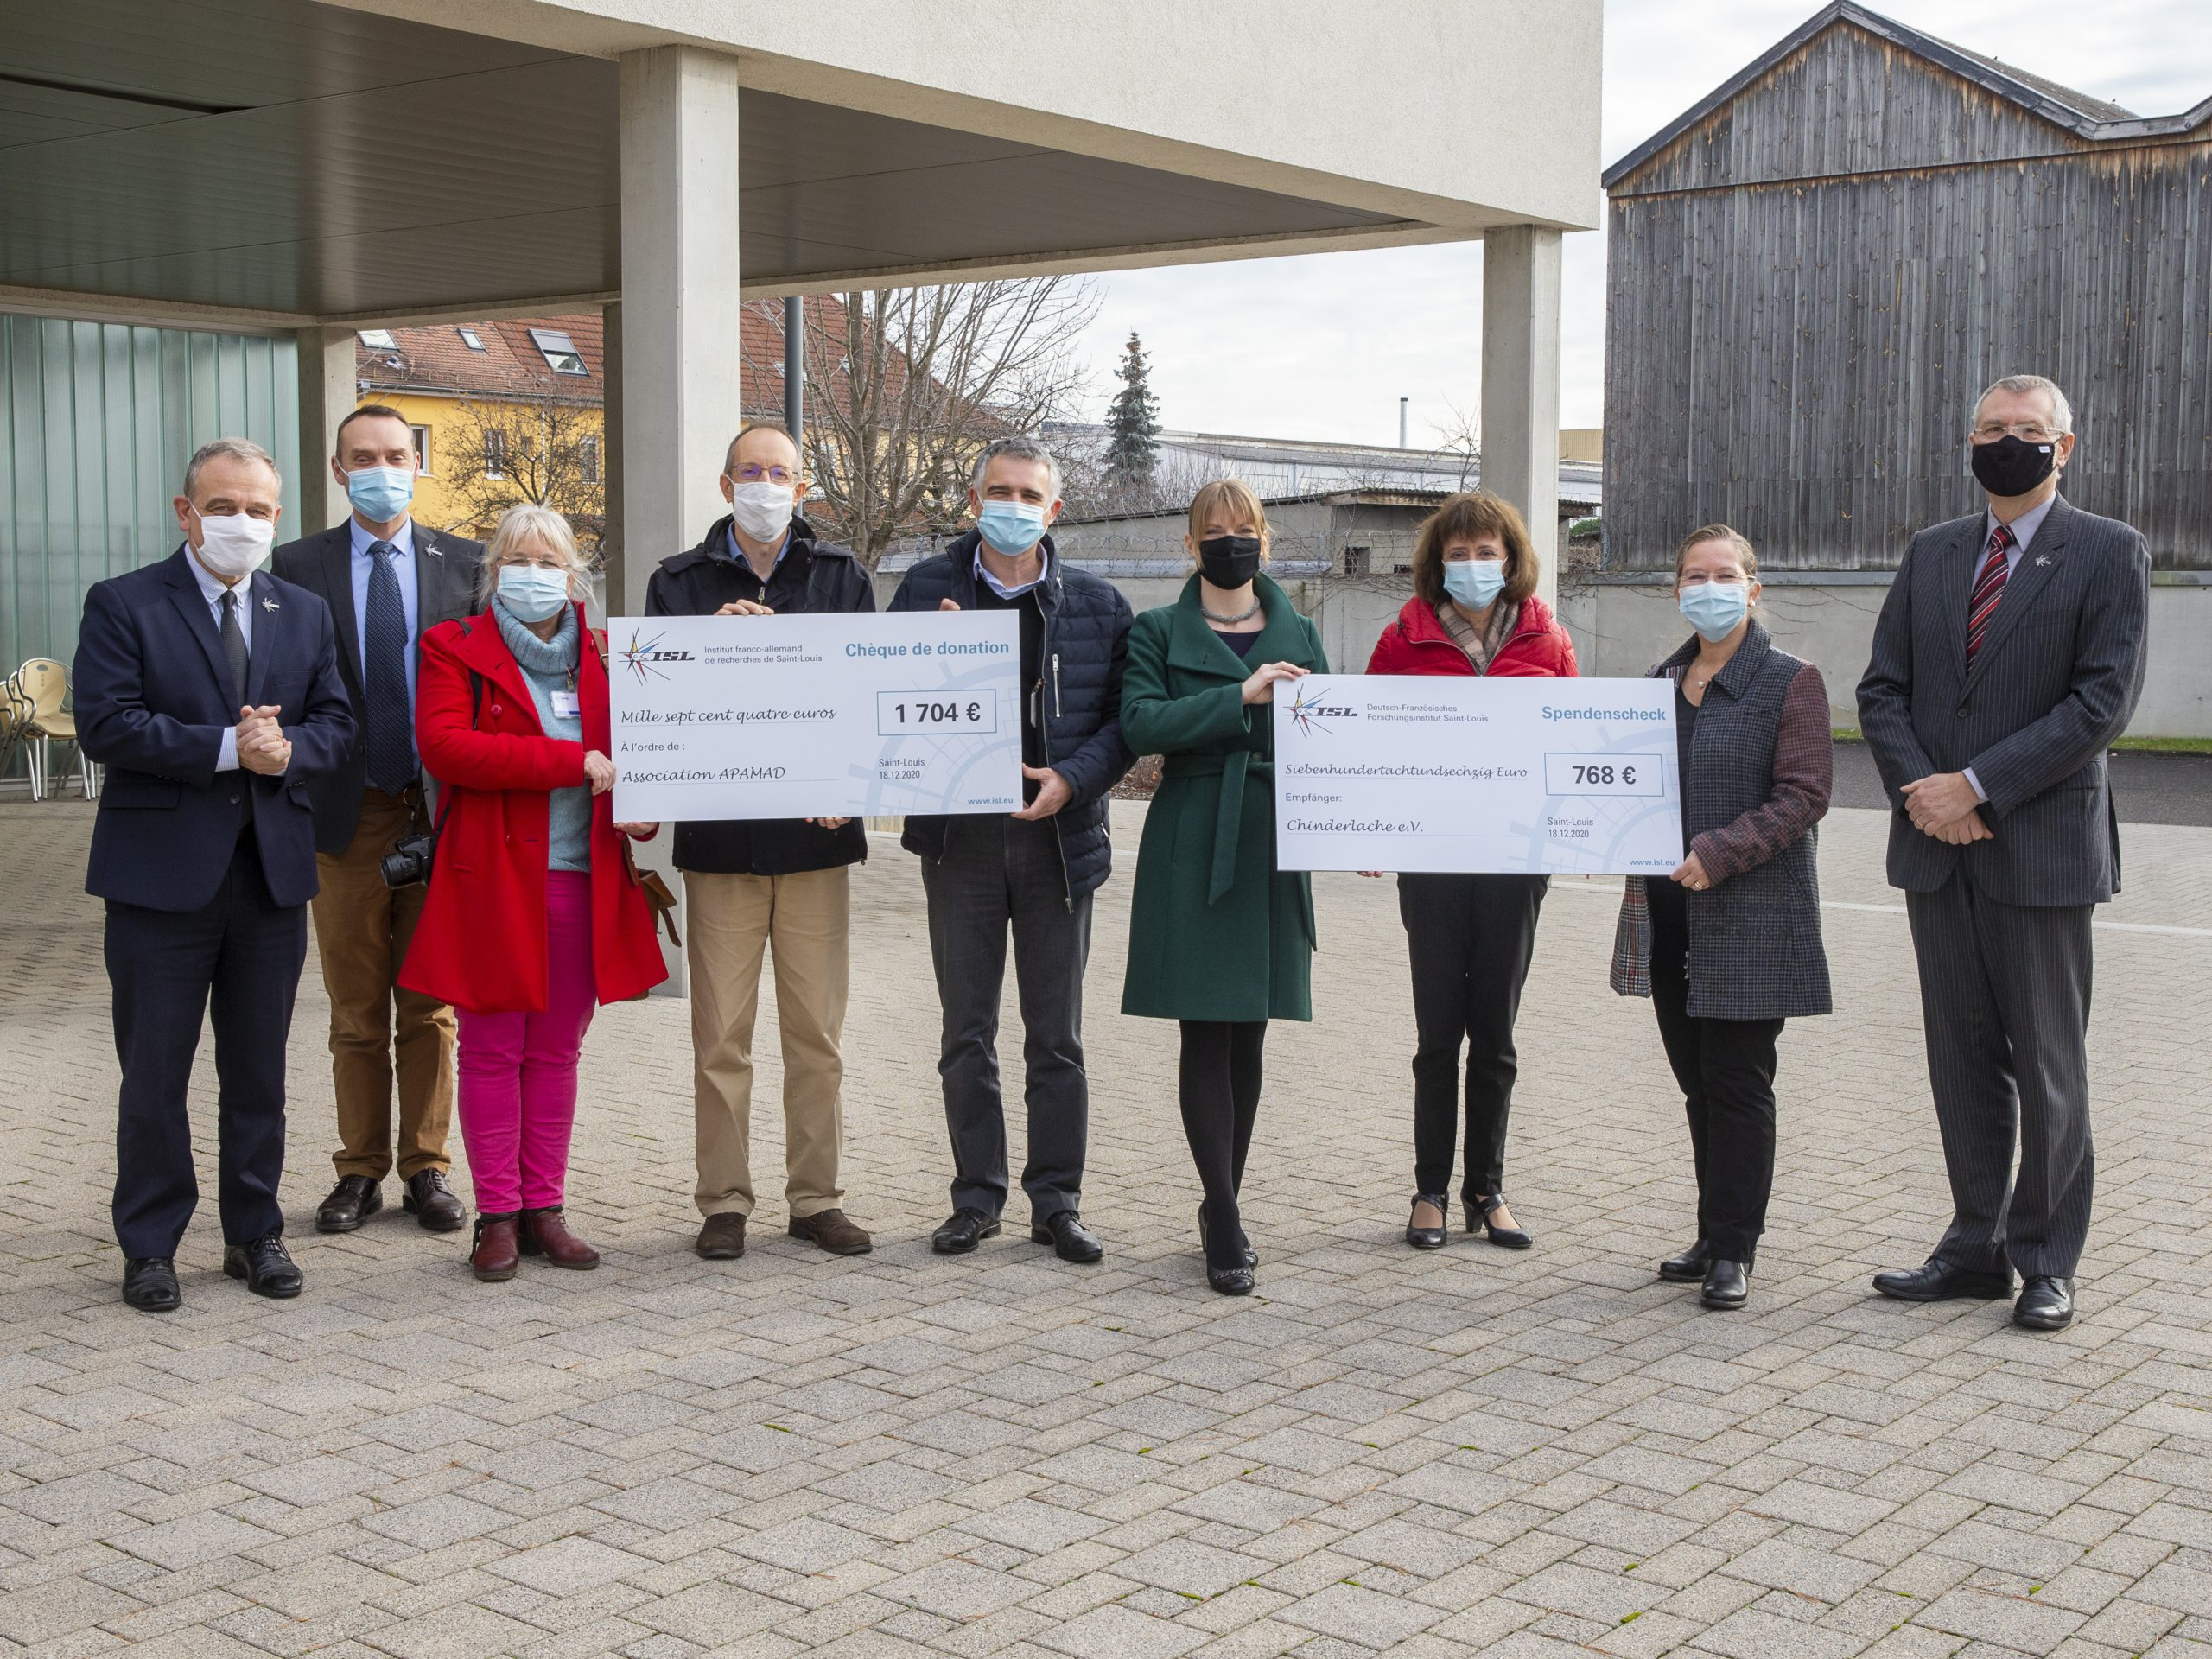 Saint-Louis: Les salariés de l'ISL renoncent à leur cadeau au profit de deux associations